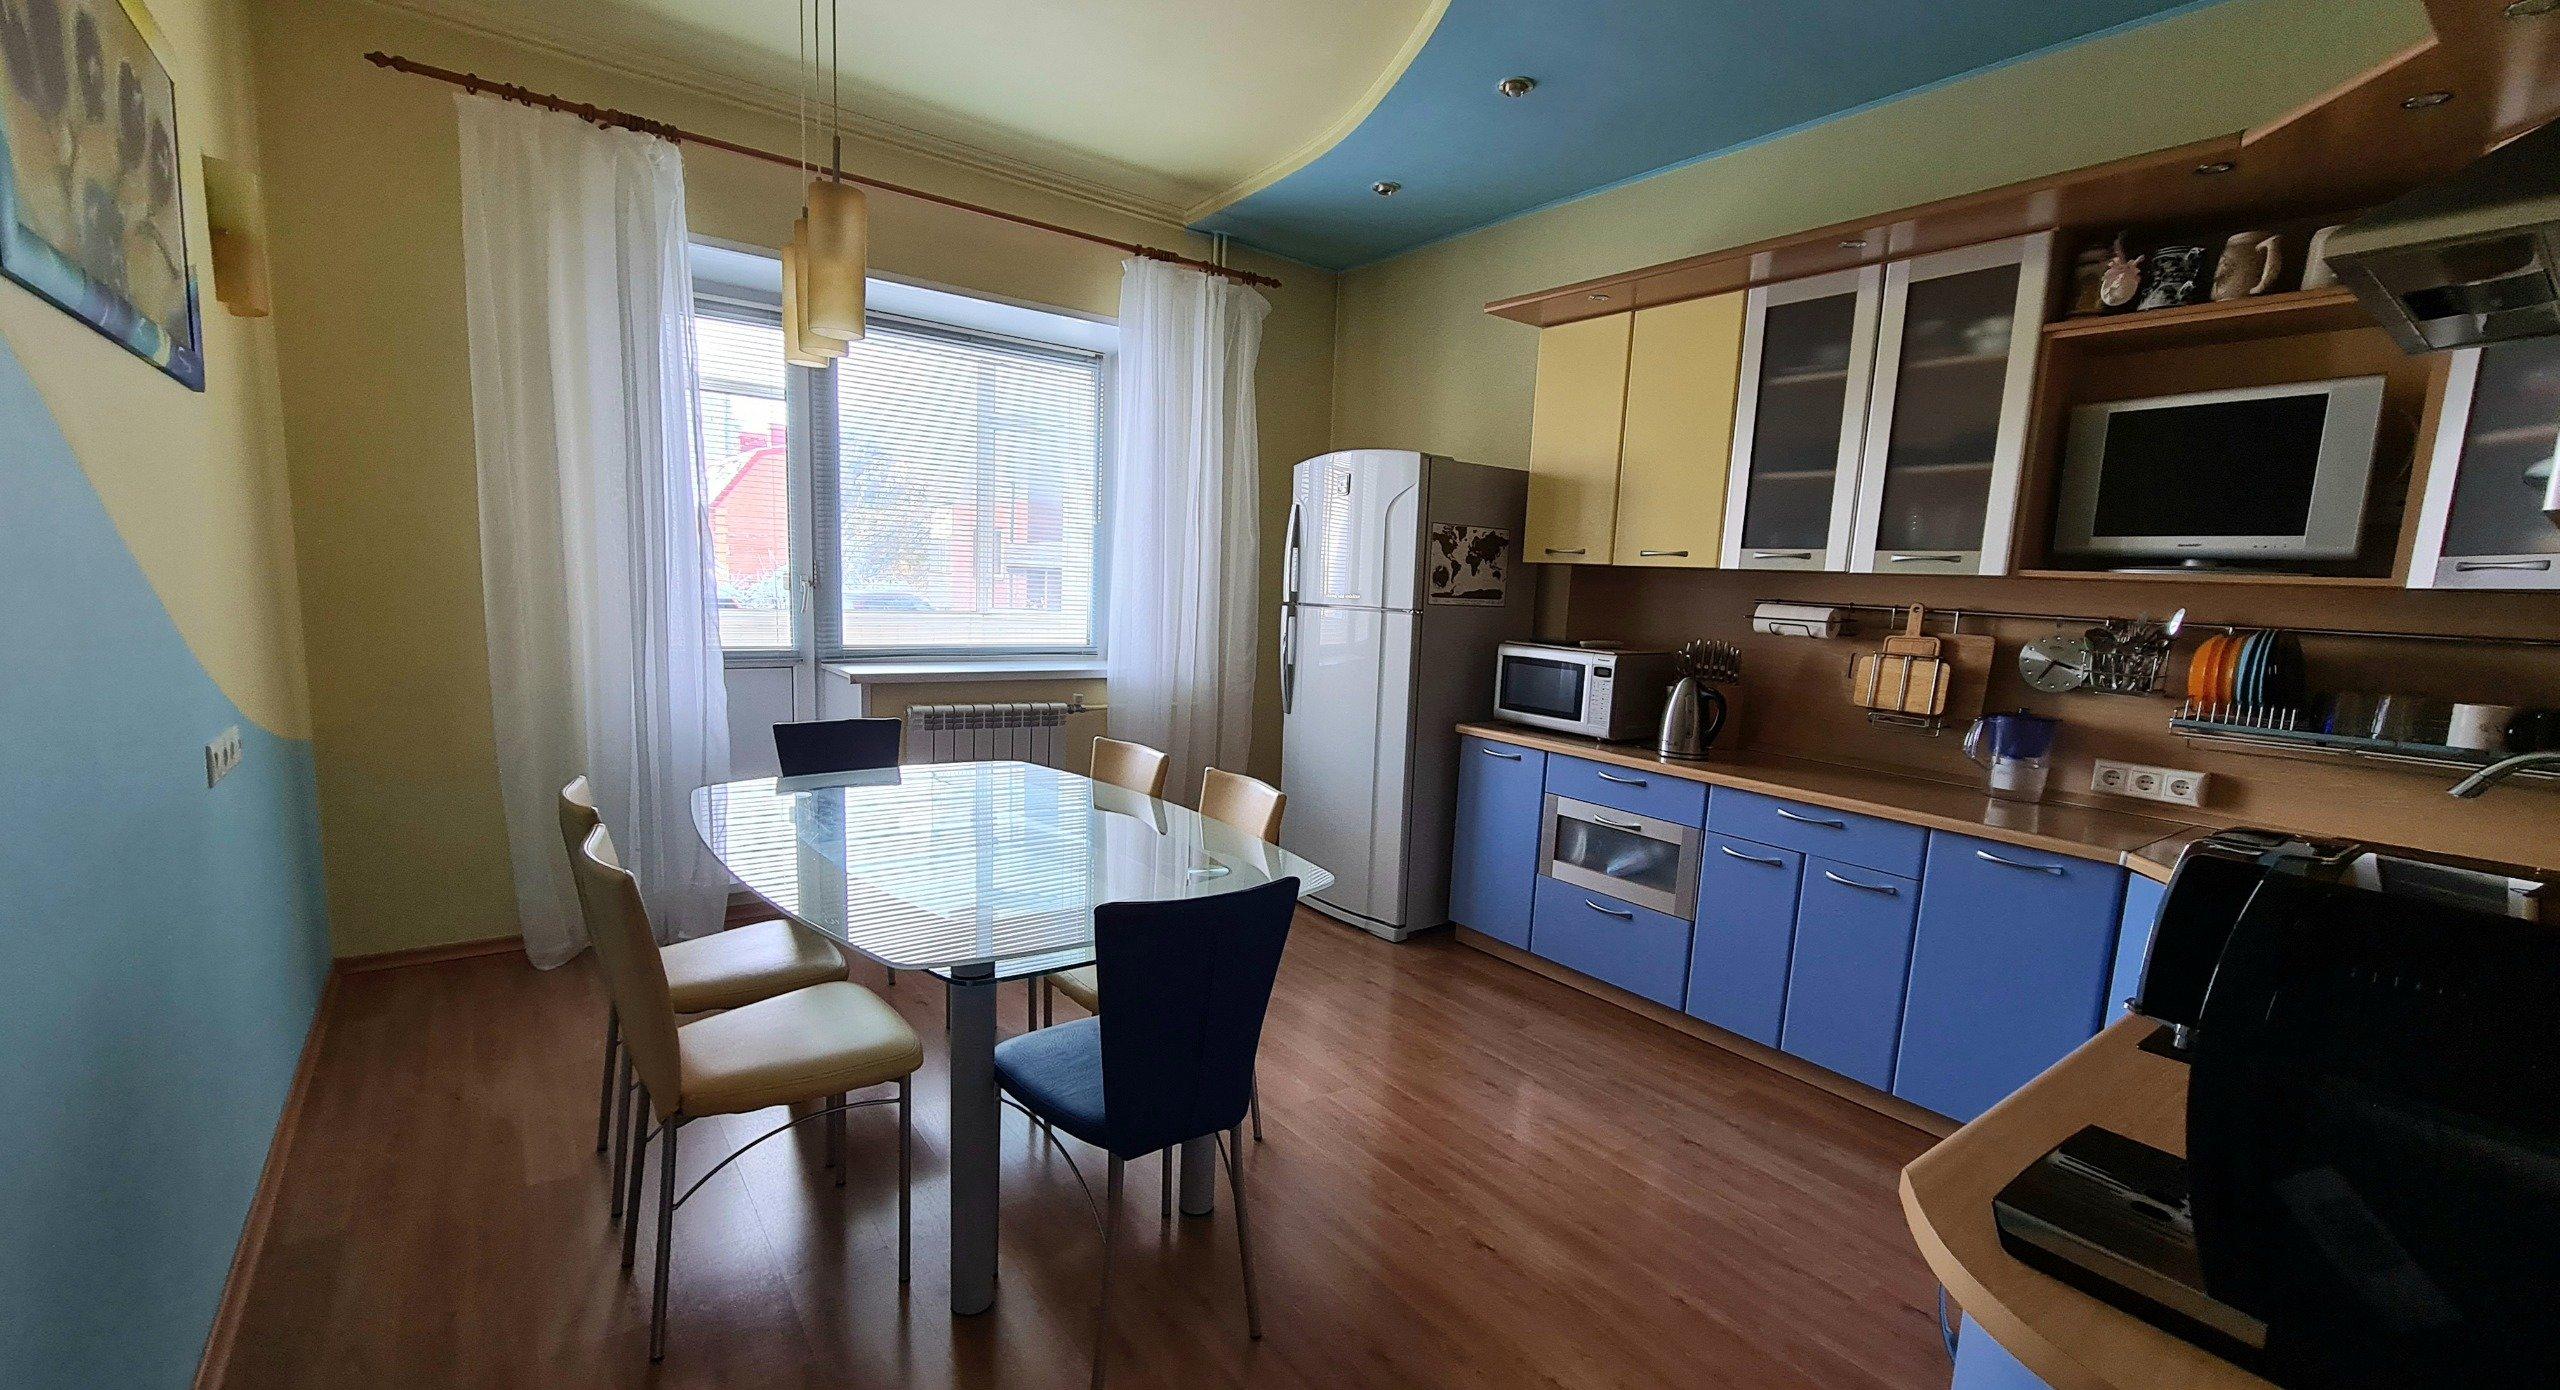 4к квартира ул Елены Стасовой, д 25 | 70000 | аренда в Красноярске фото 8